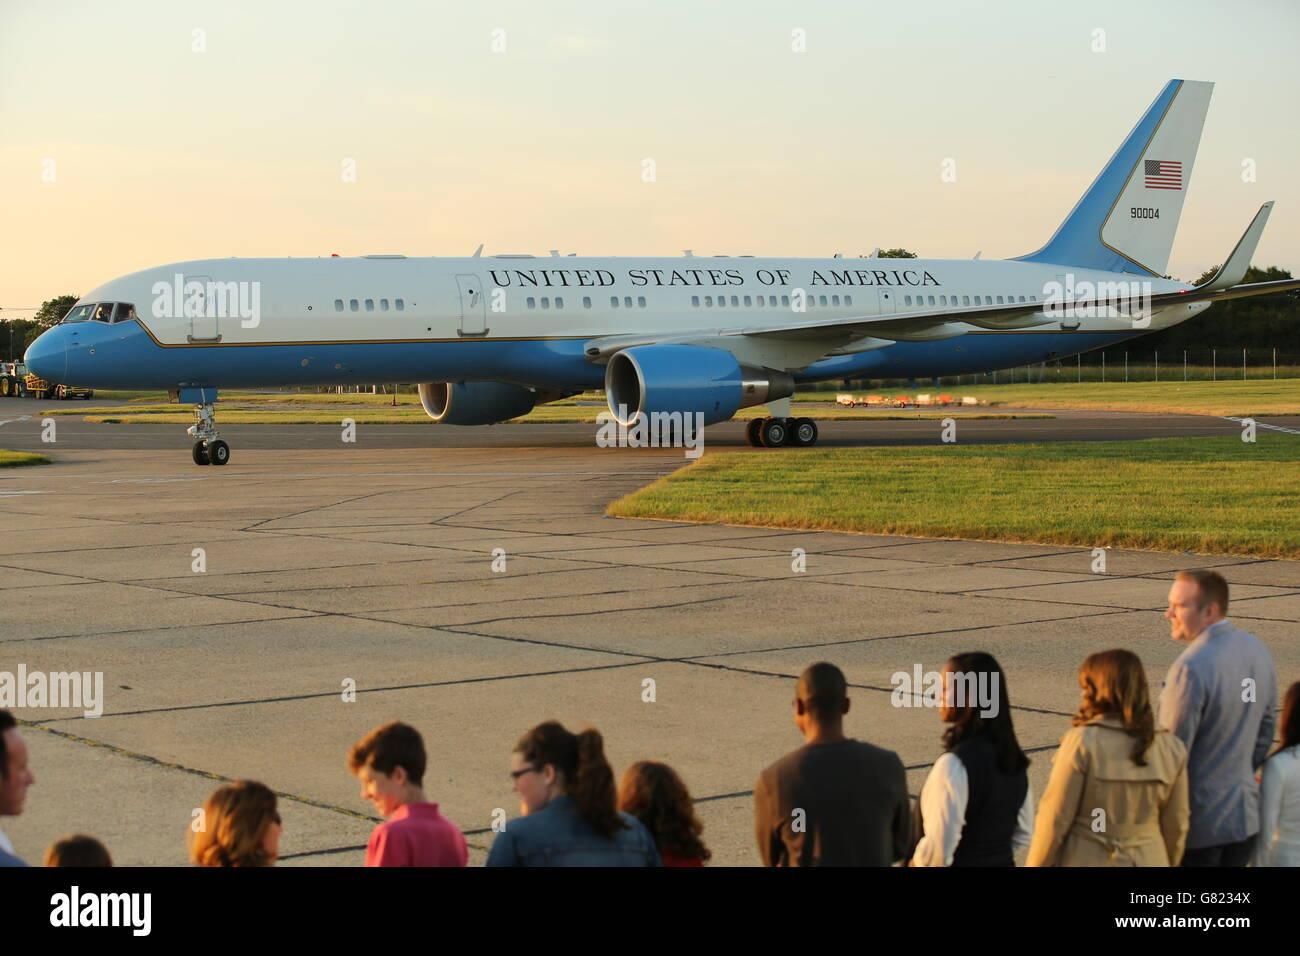 L'avion transportant la première dame des États-Unis Michelle Obama, ses filles Malia et Sasha et sa mère Mme Marian Robinson, taxis en position à l'aéroport de Stansted, Essex, Alors que la première dame des États-Unis arrive pour une visite au Royaume-Uni pour promouvoir ses campagnes pour l'éducation des filles et un meilleur soutien aux familles militaires. Banque D'Images